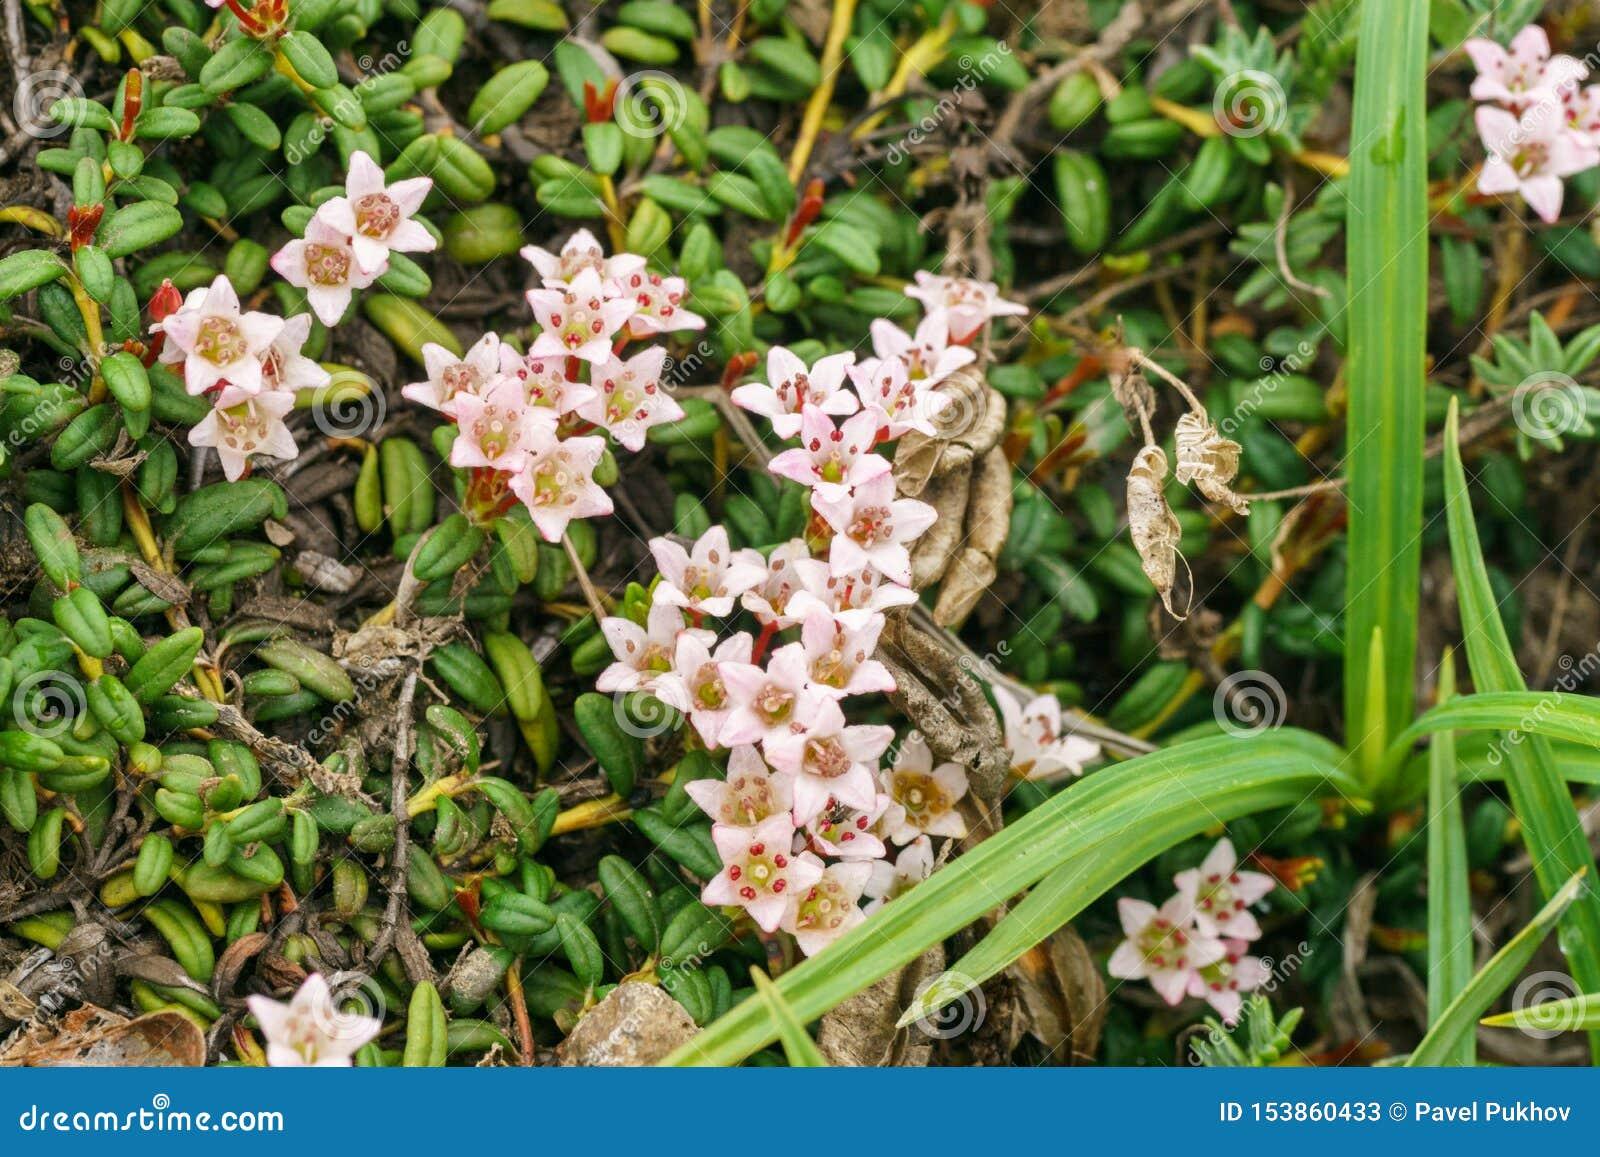 Calmia die lat liggen Kalmia procumbens - een type van bosrijke installaties van de heidefamilie Ericaceae